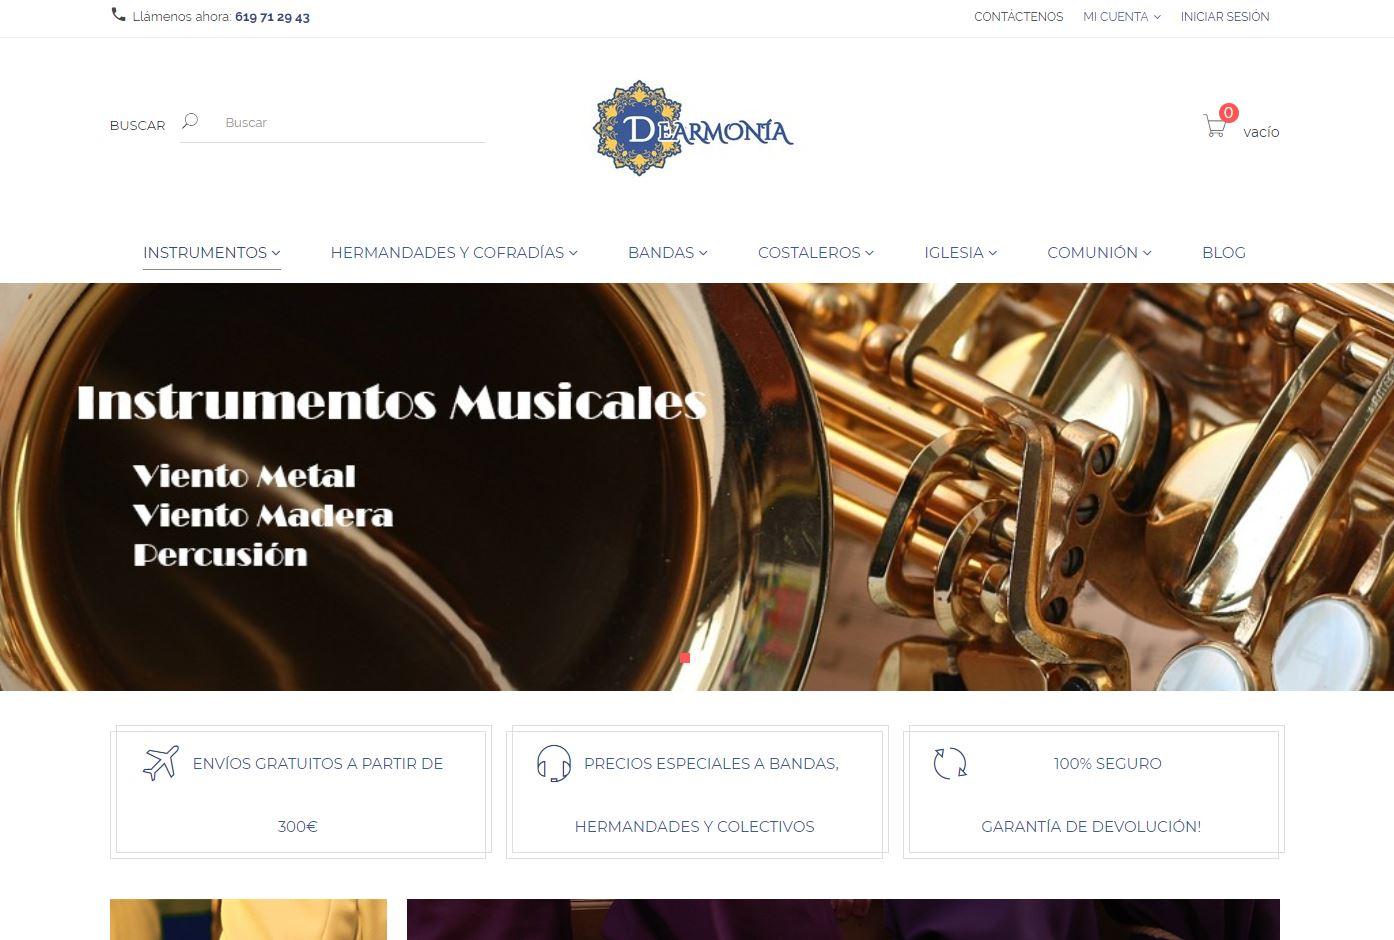 Dearmonia tienda online